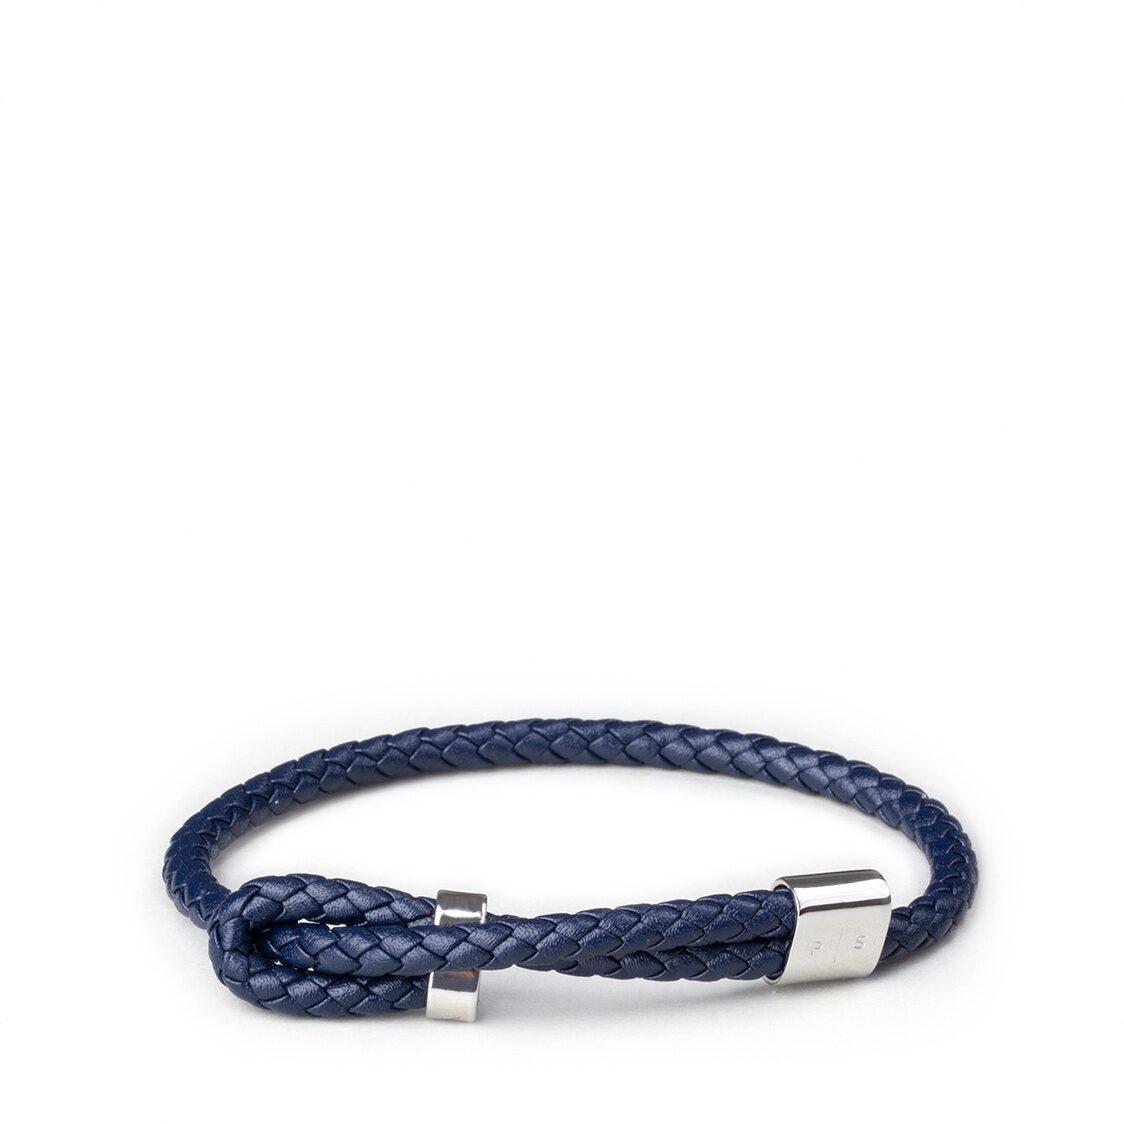 Wve Bracelet - Navy Leather